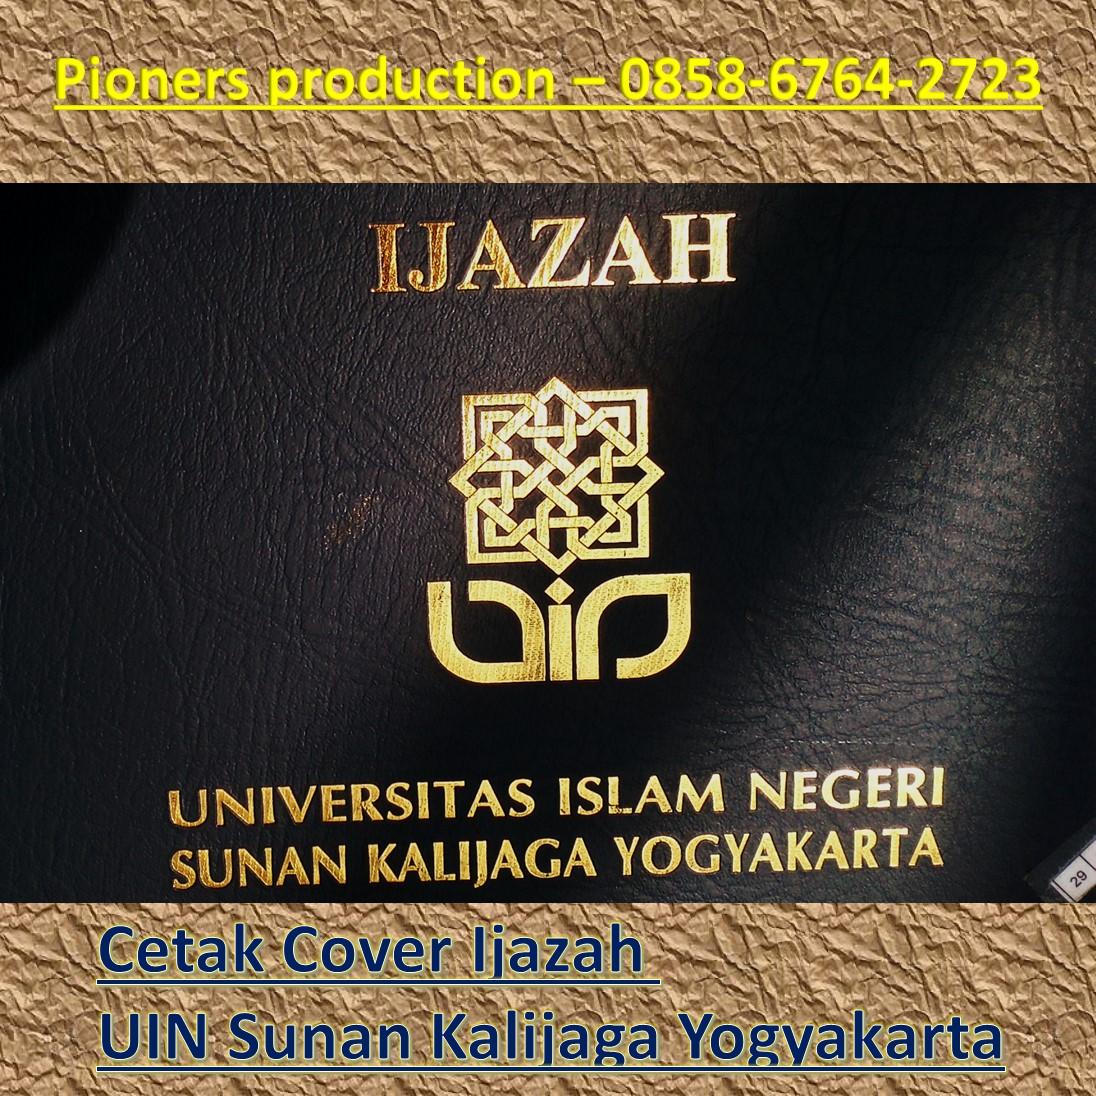 Cetak Map Ijazah / Sampul cover 0858-6764-2723 Sekolah - Kampus - Universitas